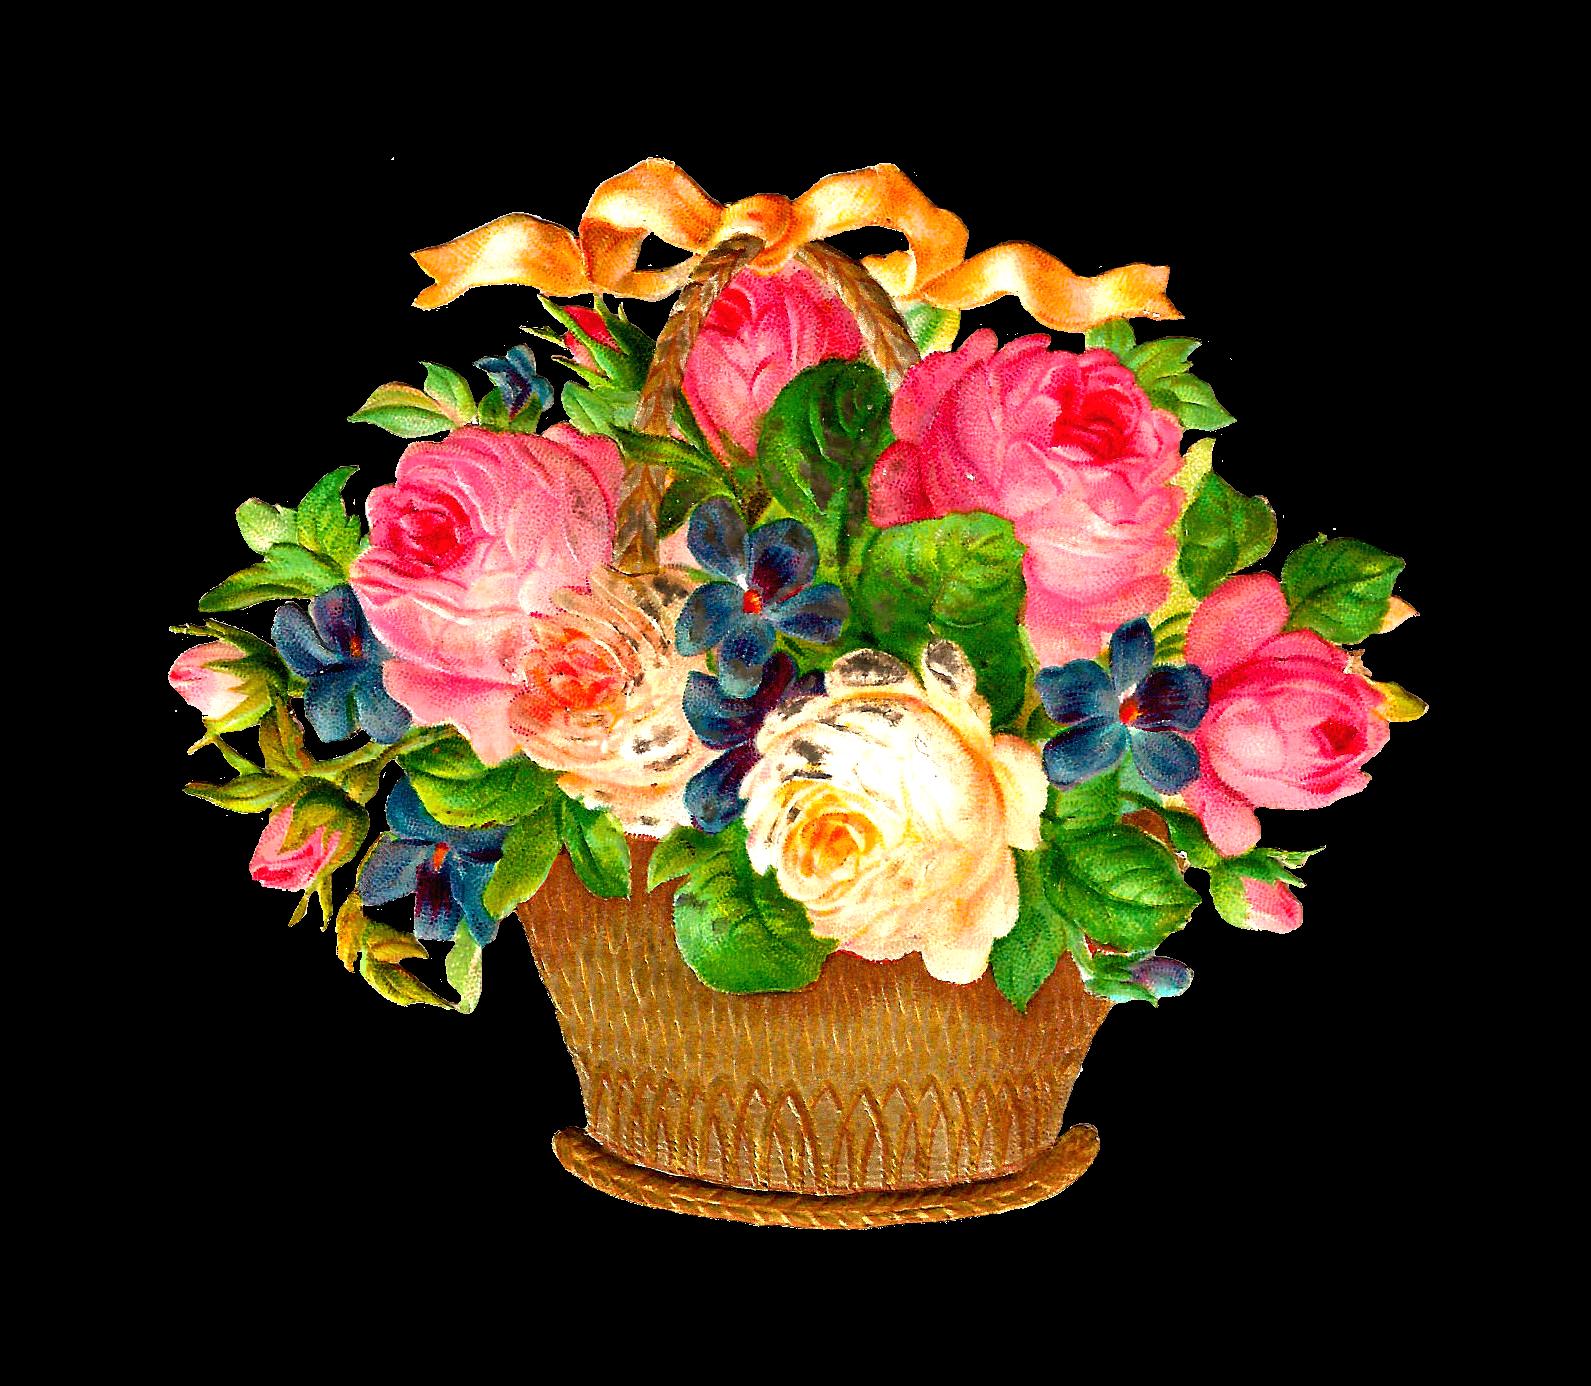 http://1.bp.blogspot.com/-9GjC_tRsrI0/UVCmGgEdI0I/AAAAAAAANC4/TBzUWaEd2Z4/s1600/flowerbasket4png.png